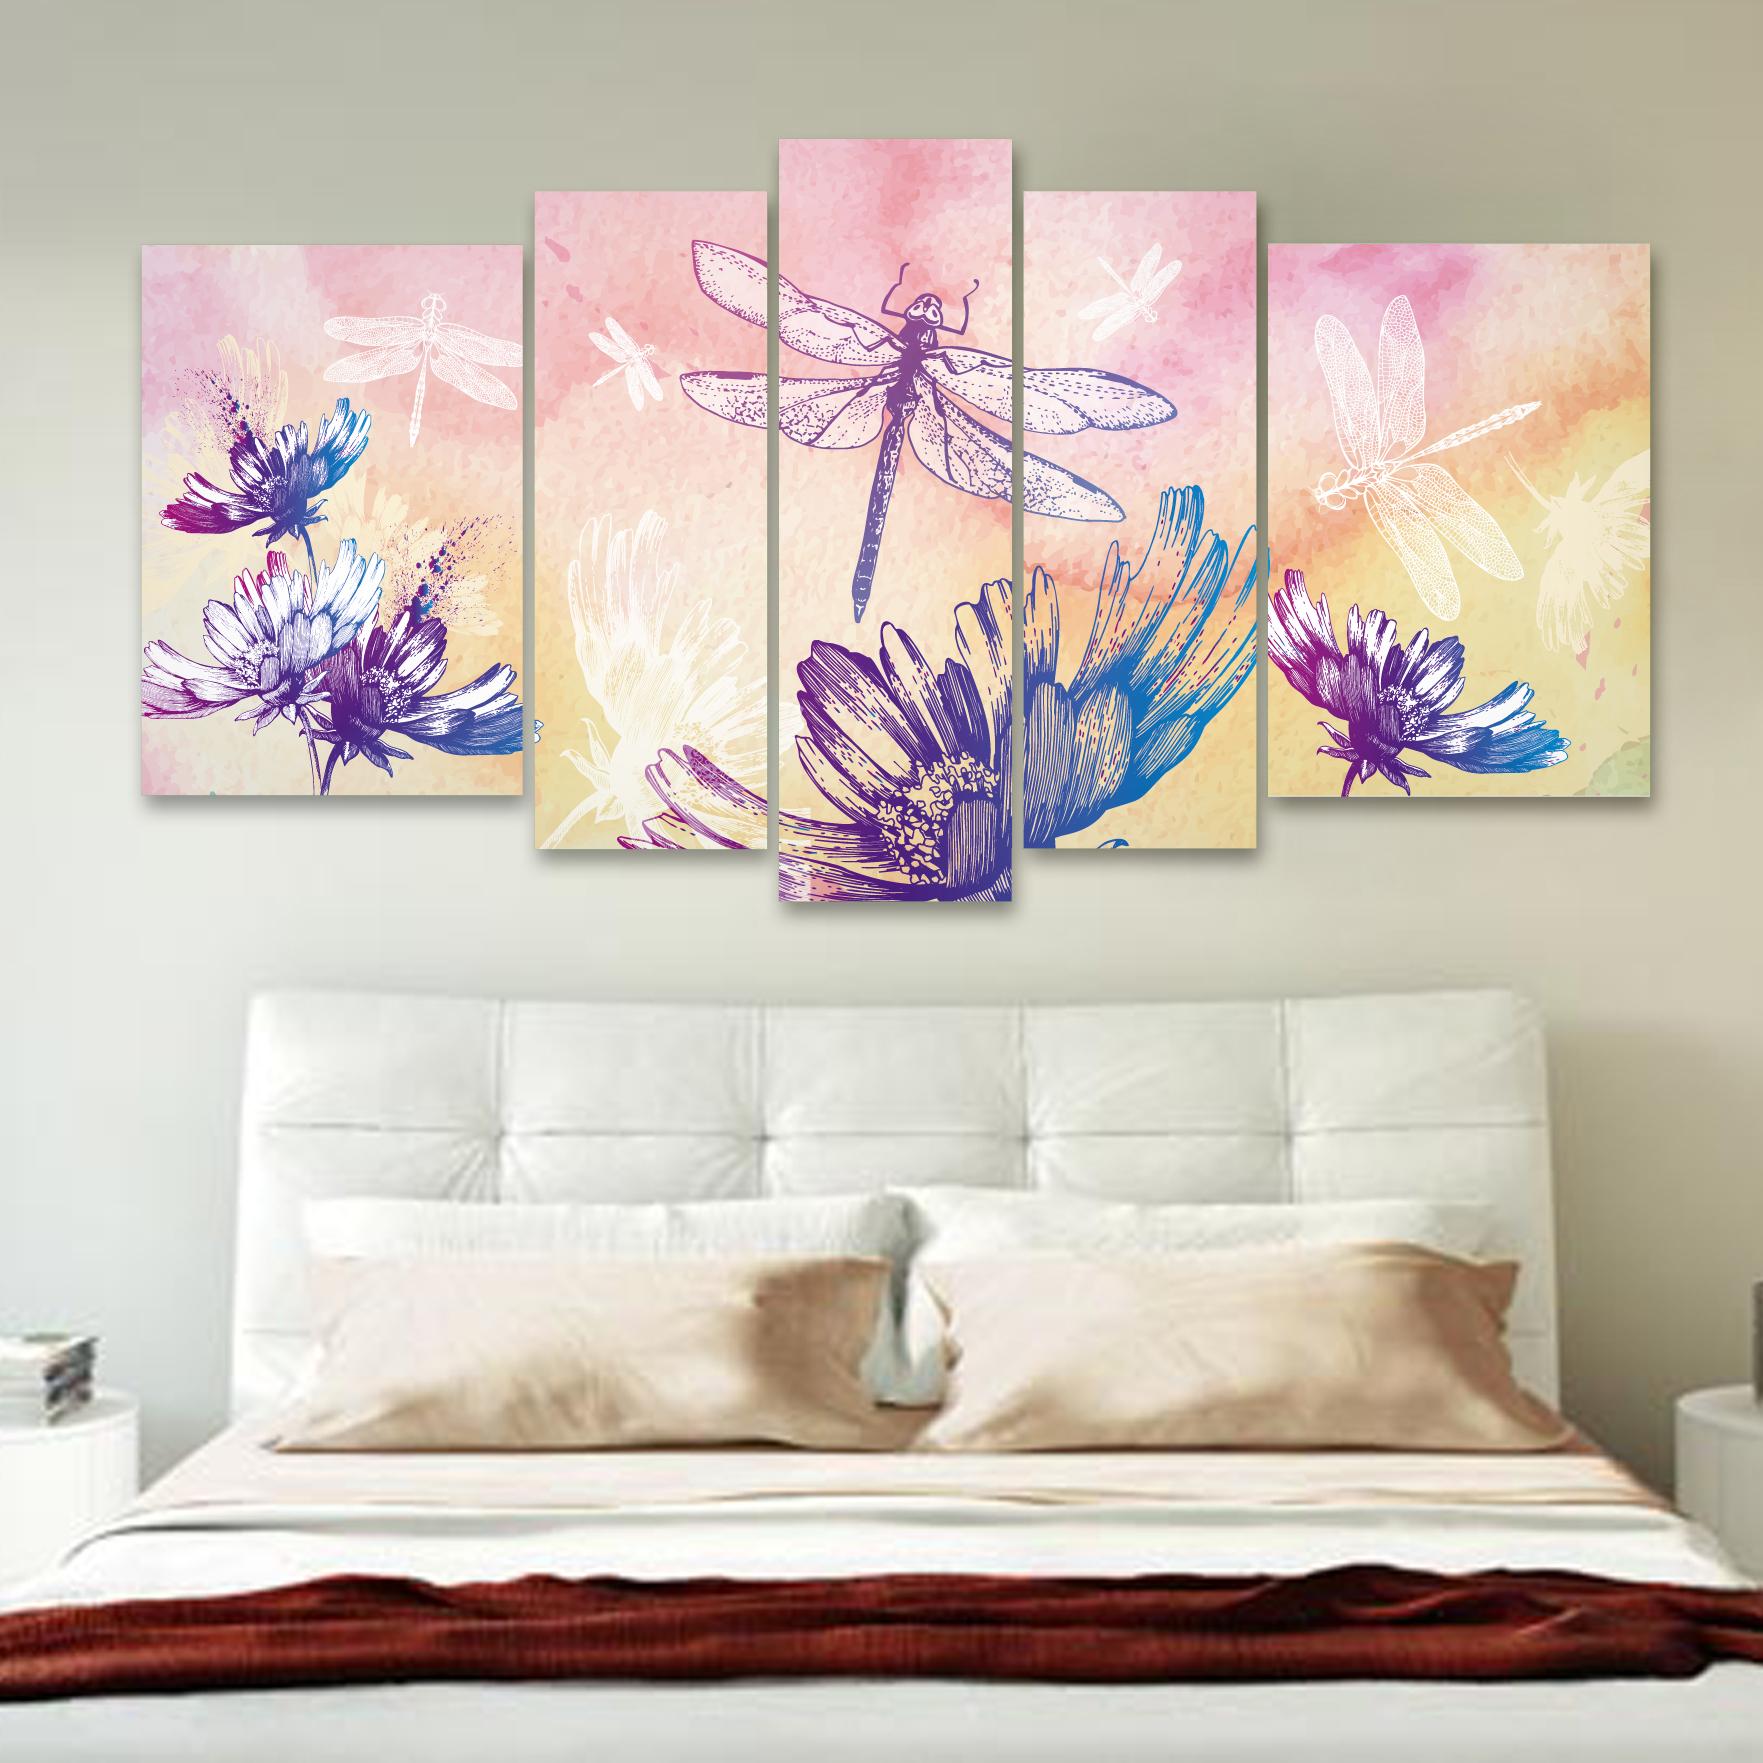 Lib lulas en flor 150 cm x 70 cm cuadros decorativos for Donde puedo comprar cuadros decorativos